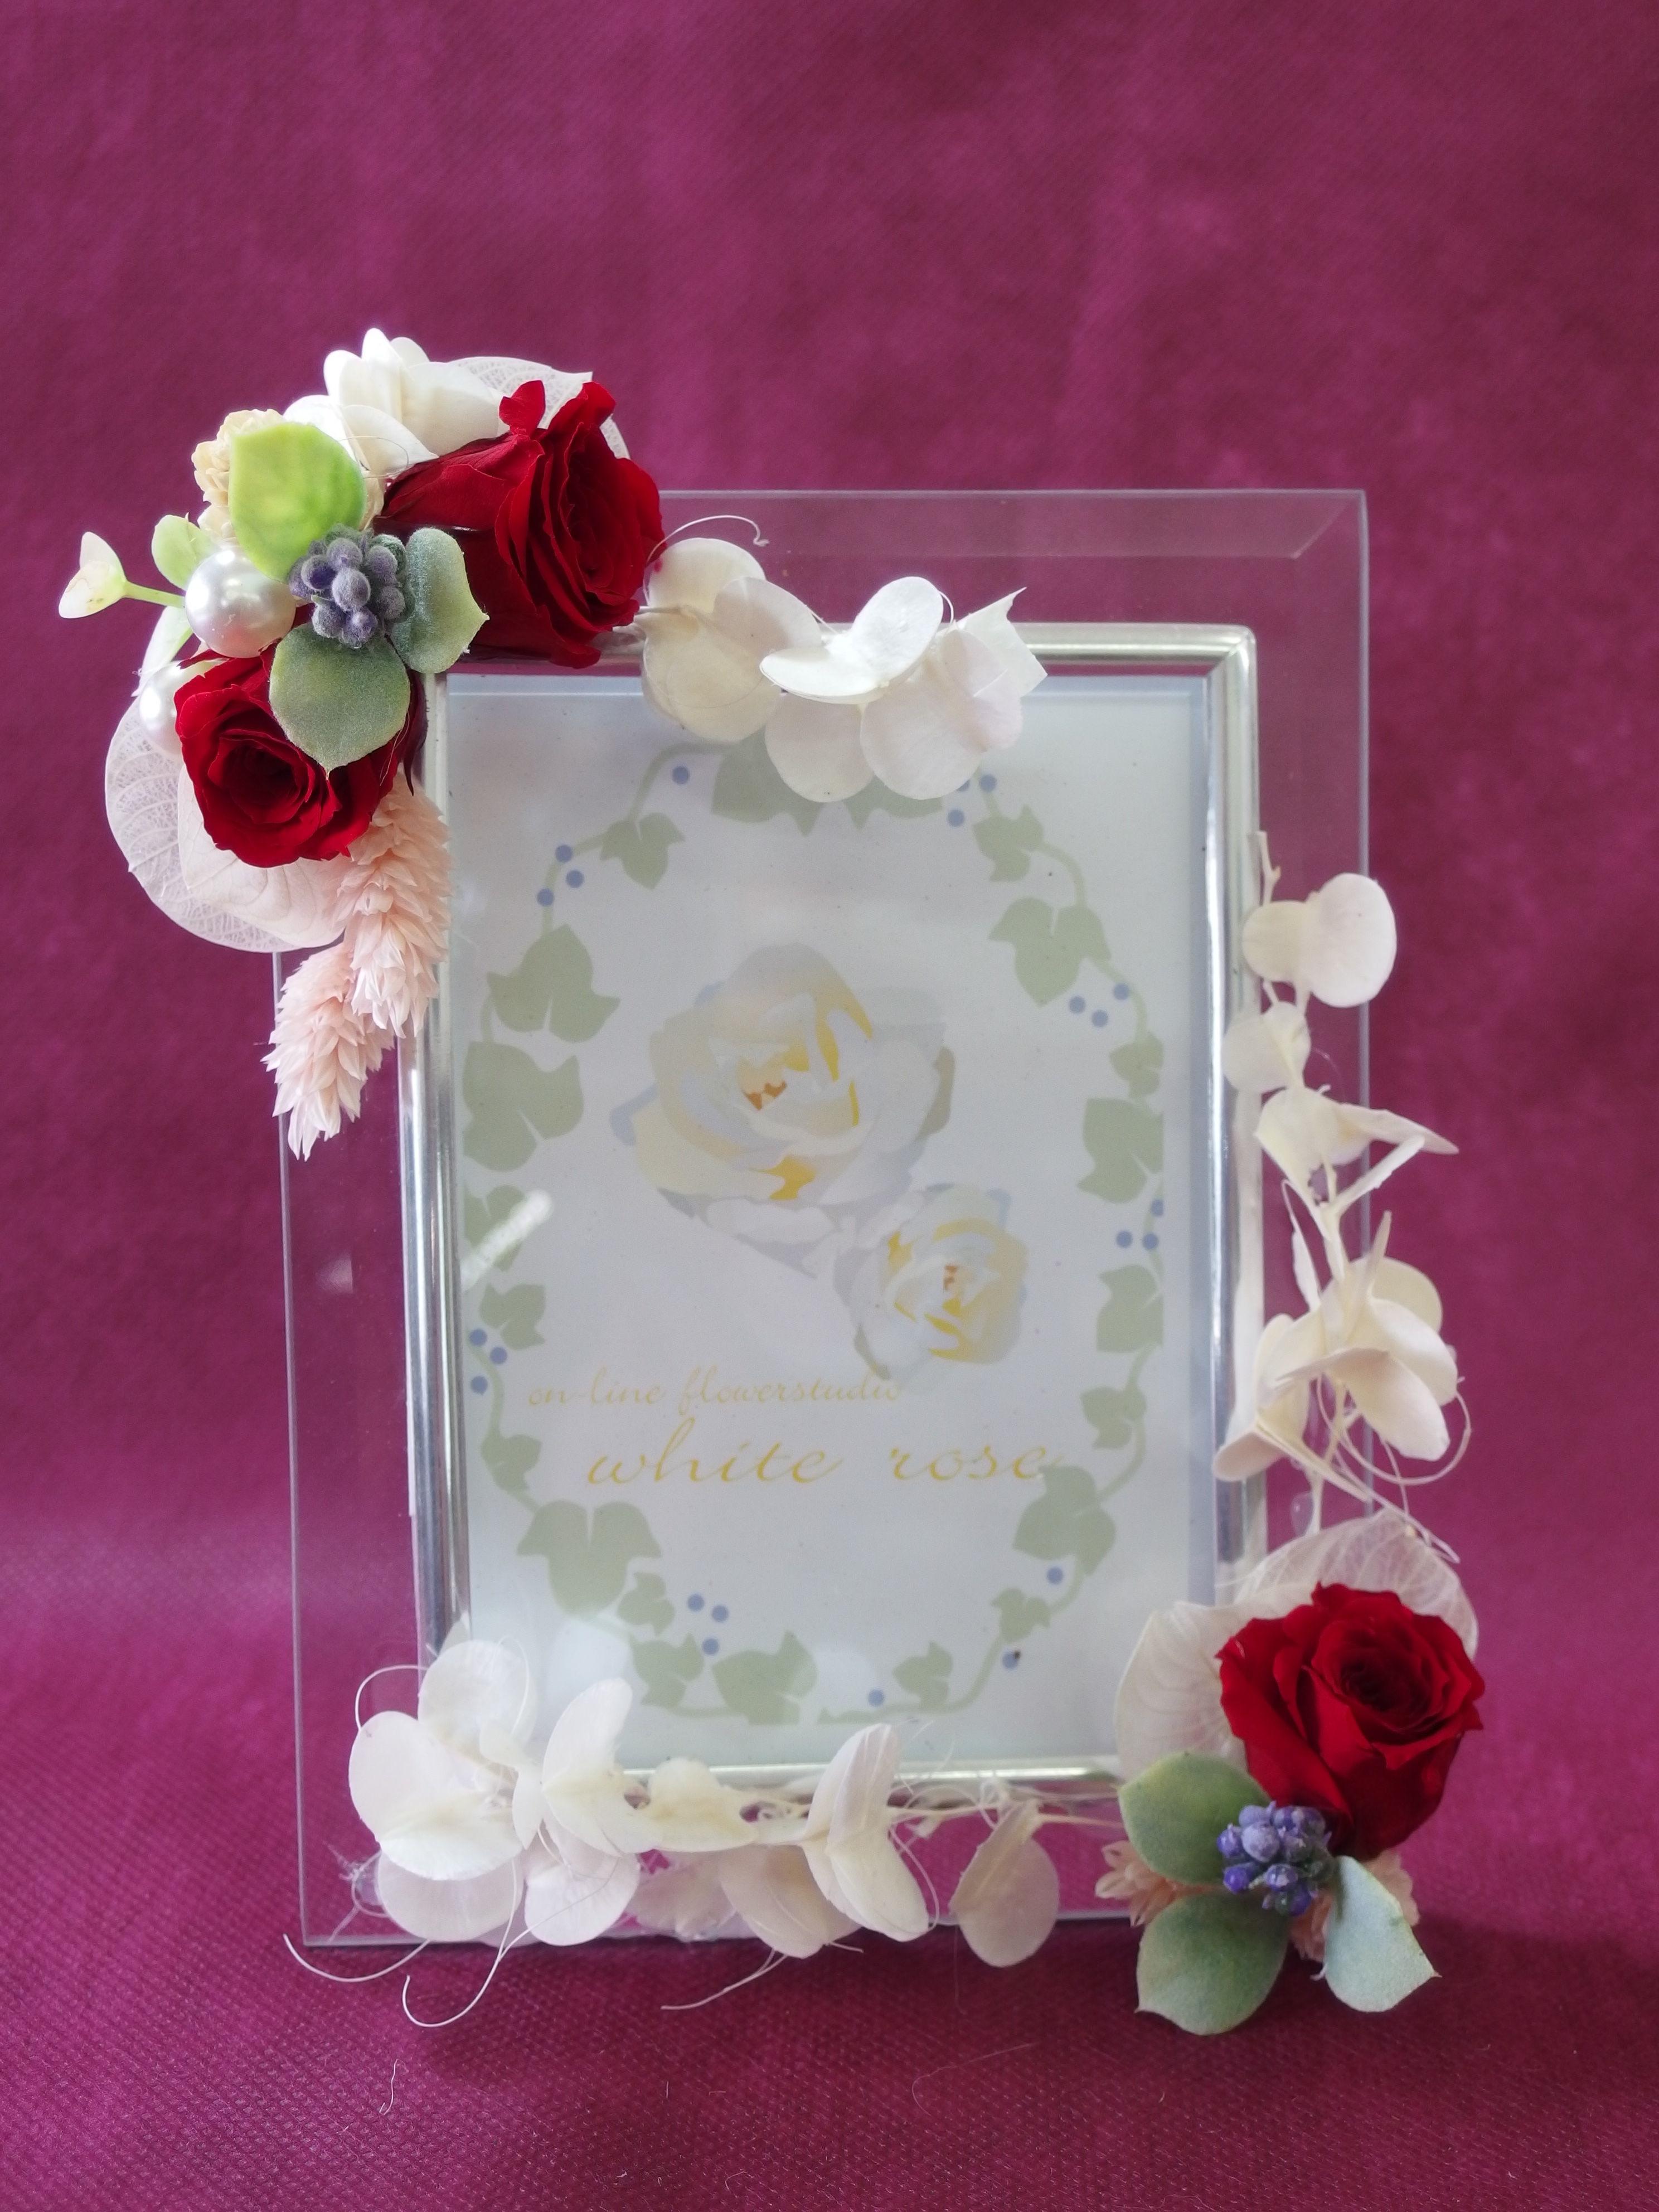 Photo Frame  rose    (フォト フレーム  ローズ)